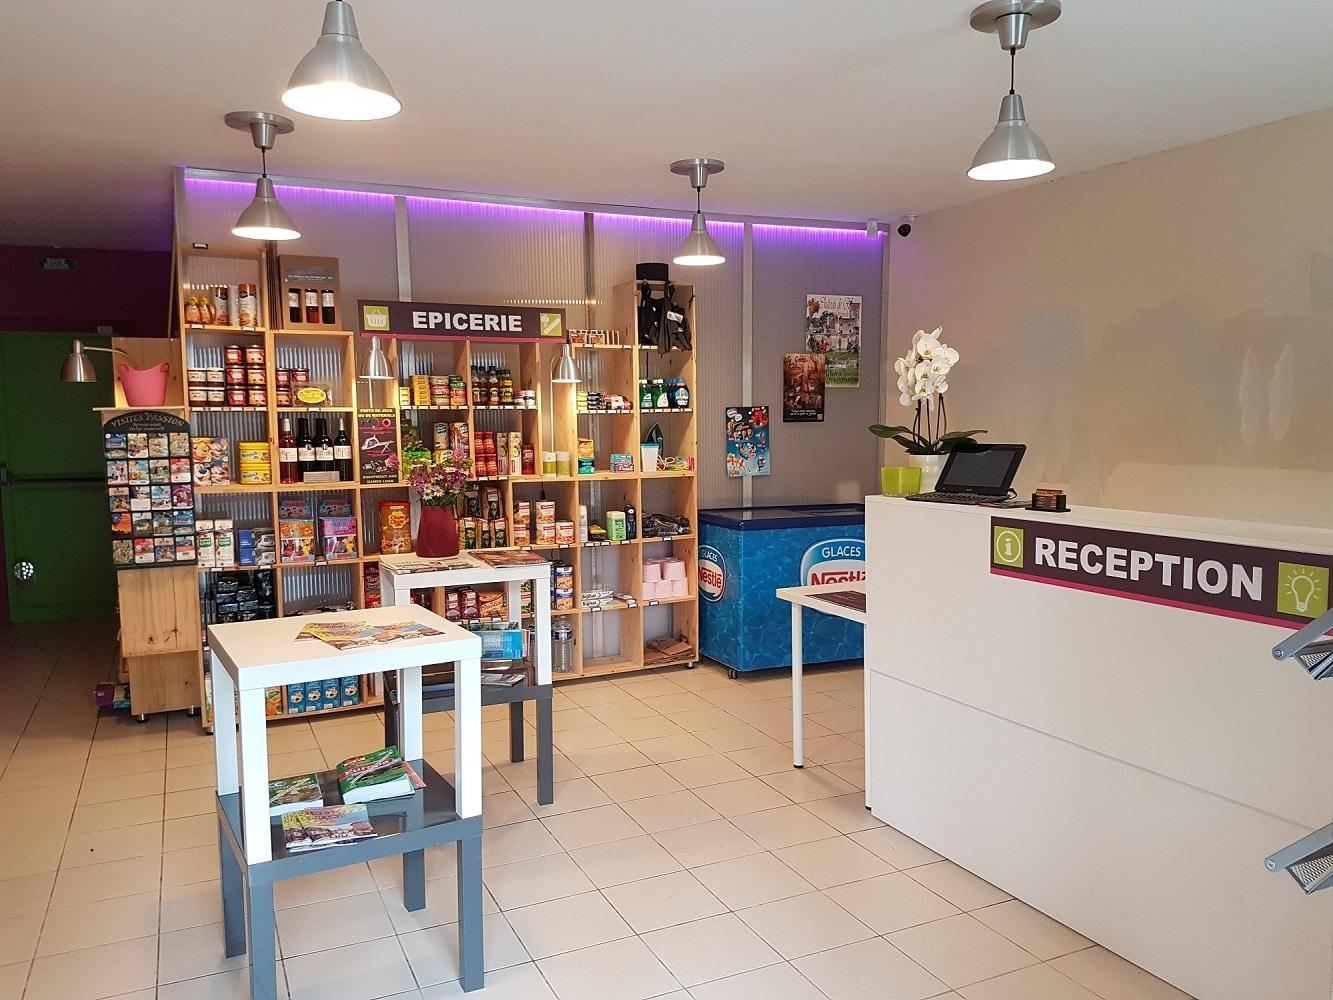 Camping de Rauzan (Gironde) - Réception et épicerie